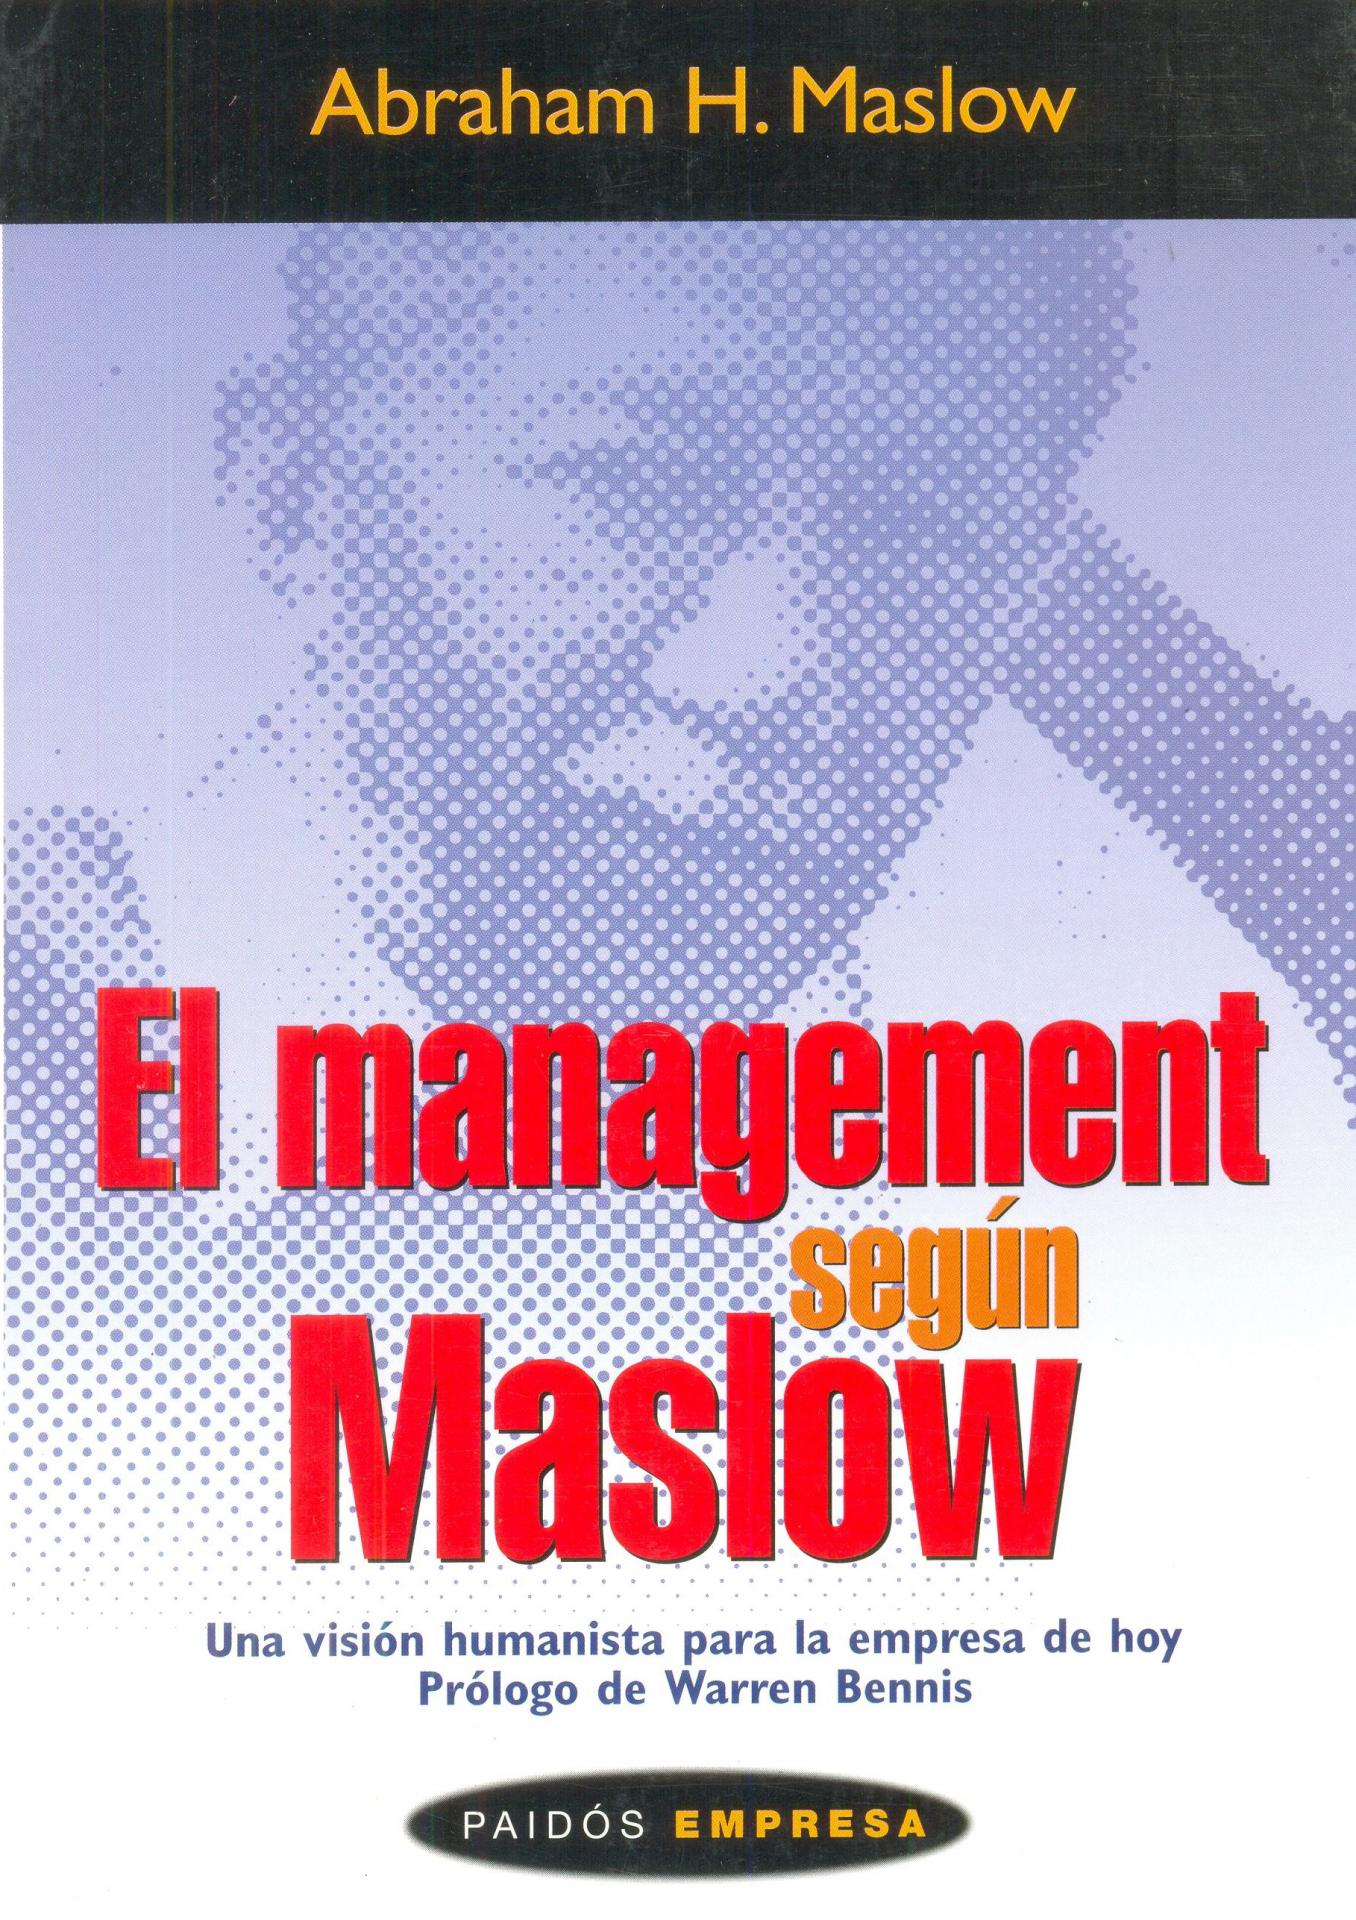 EL MANAGEMENT SEGÚN MASLOW. Una visión huma- nista para la empresa de hoy.  Maslow, A.H.